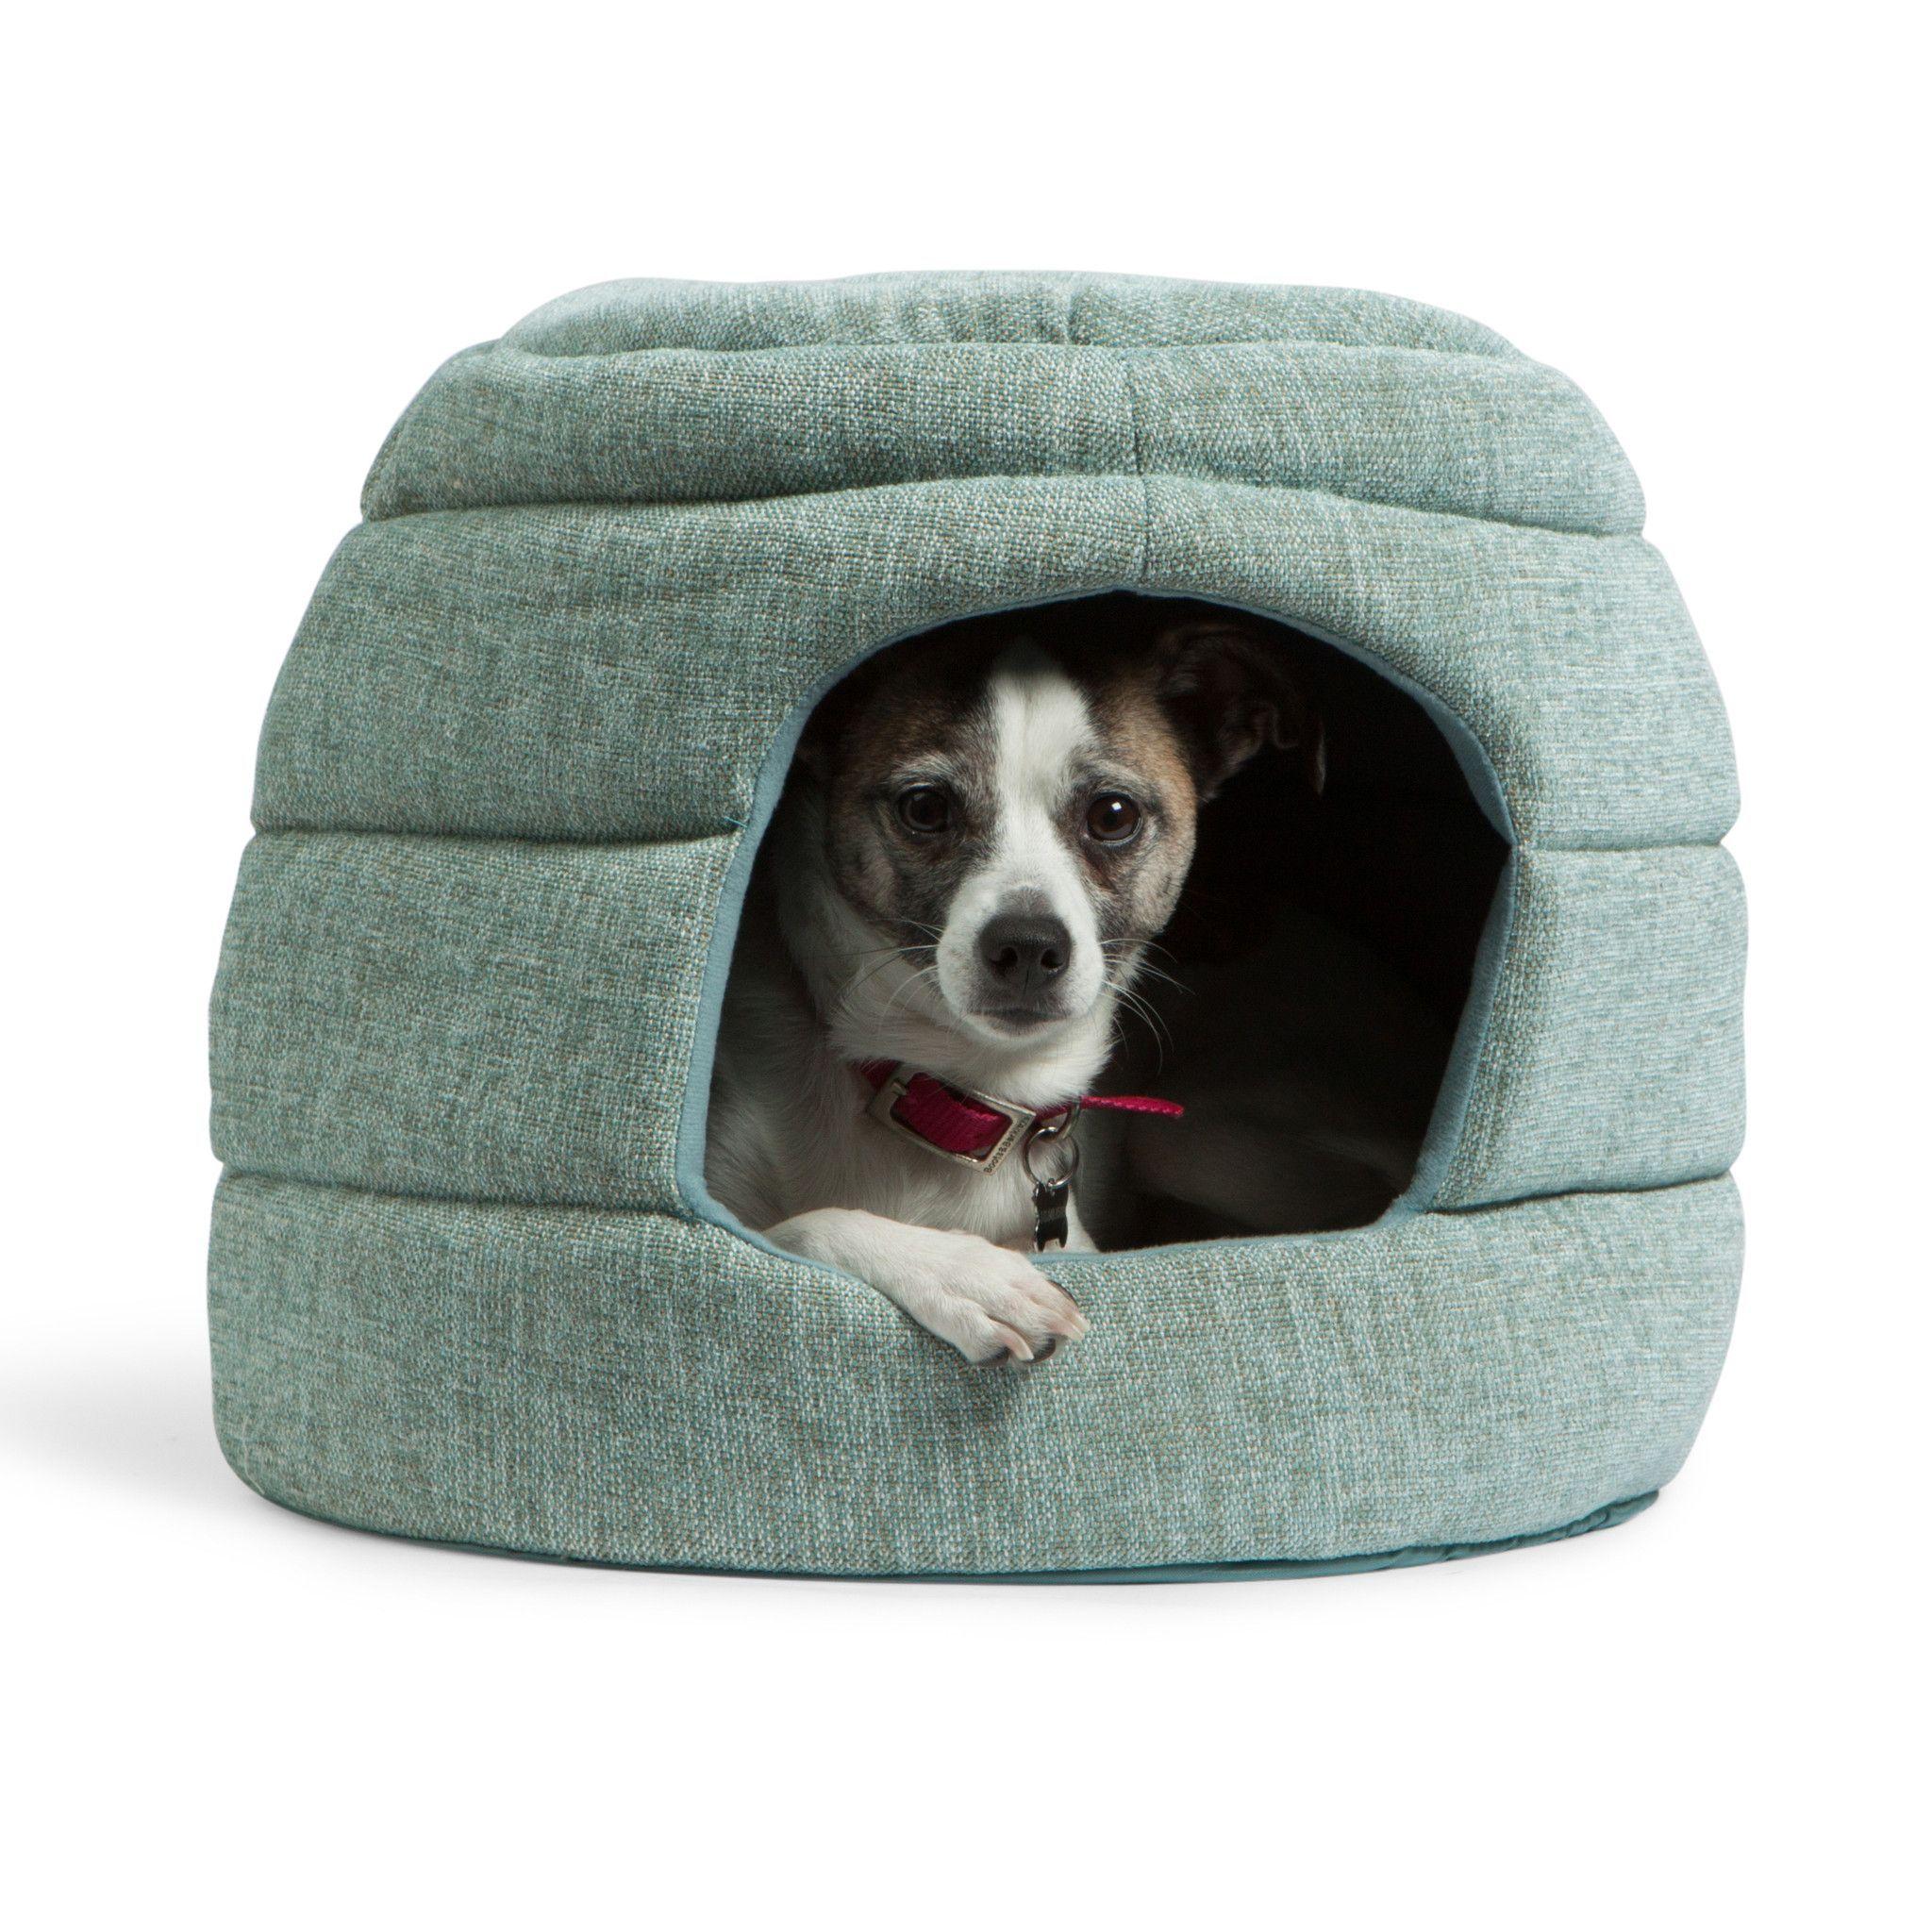 Milo 2in1 Pet Hut in Allure, Mineral Designer dog beds